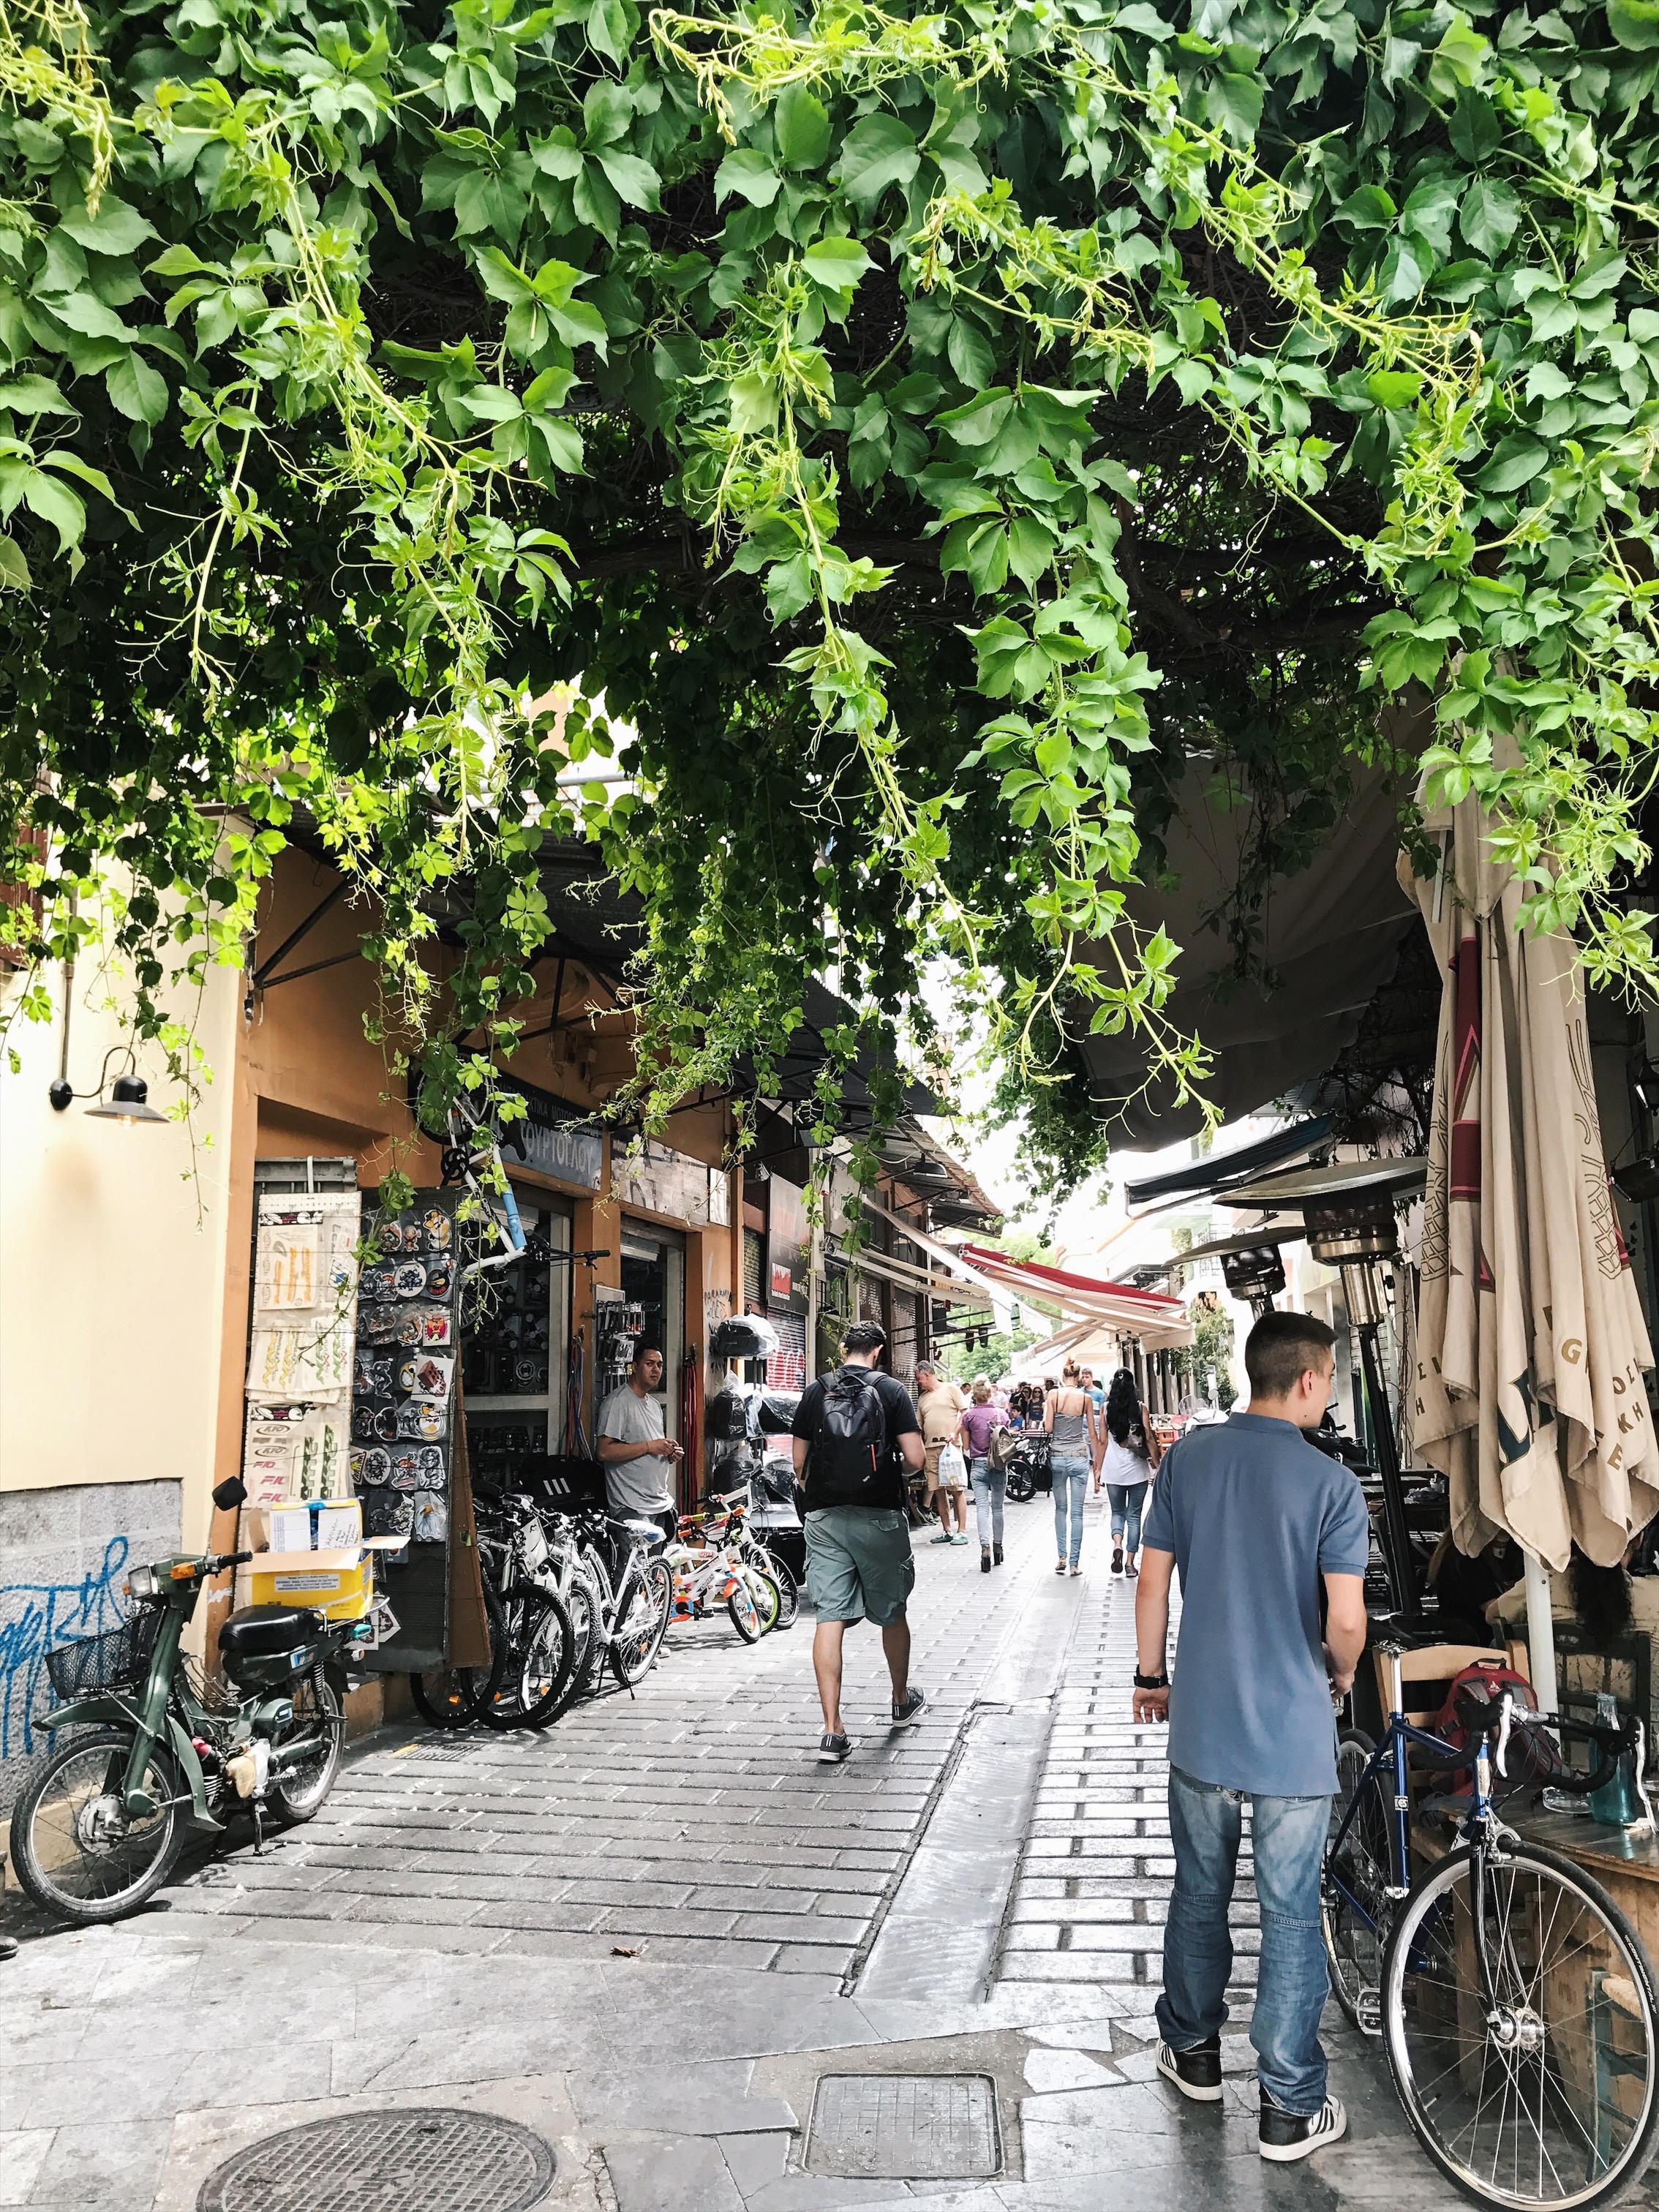 Monastiraki Flea Market, Athens, Greece